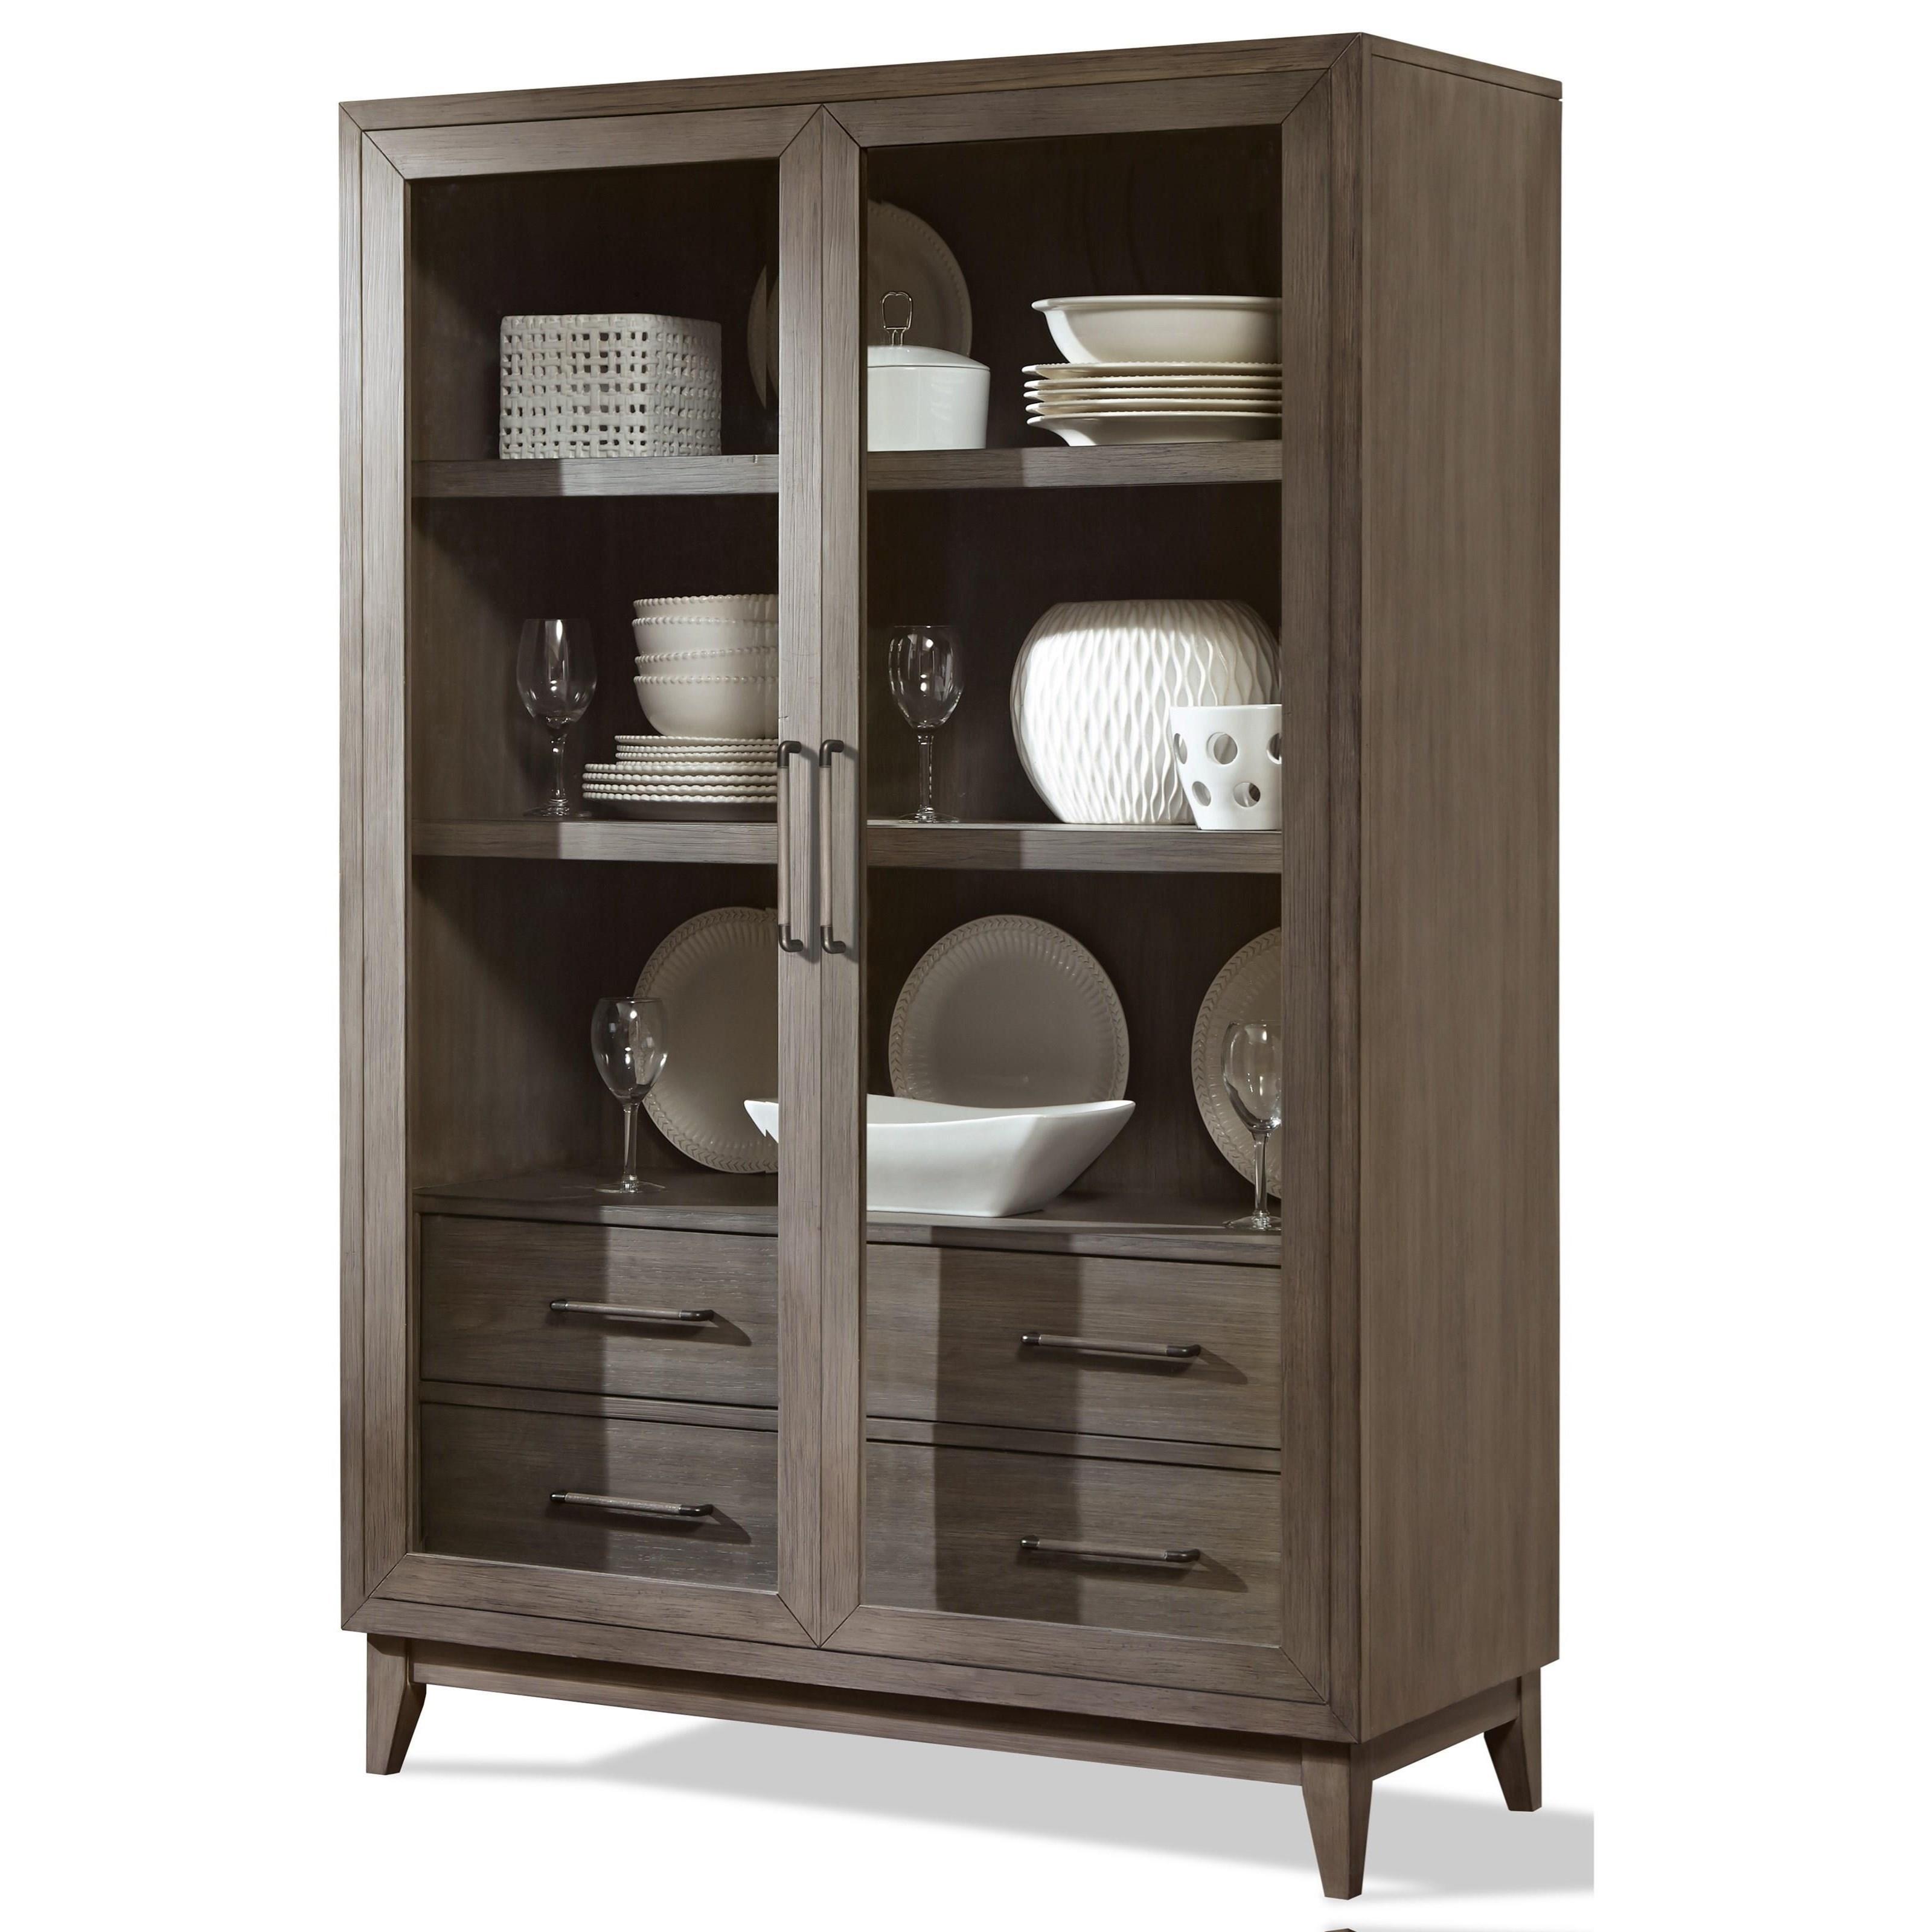 Riverside Furniture Vogue Display Cabinet - Value City Furniture ...